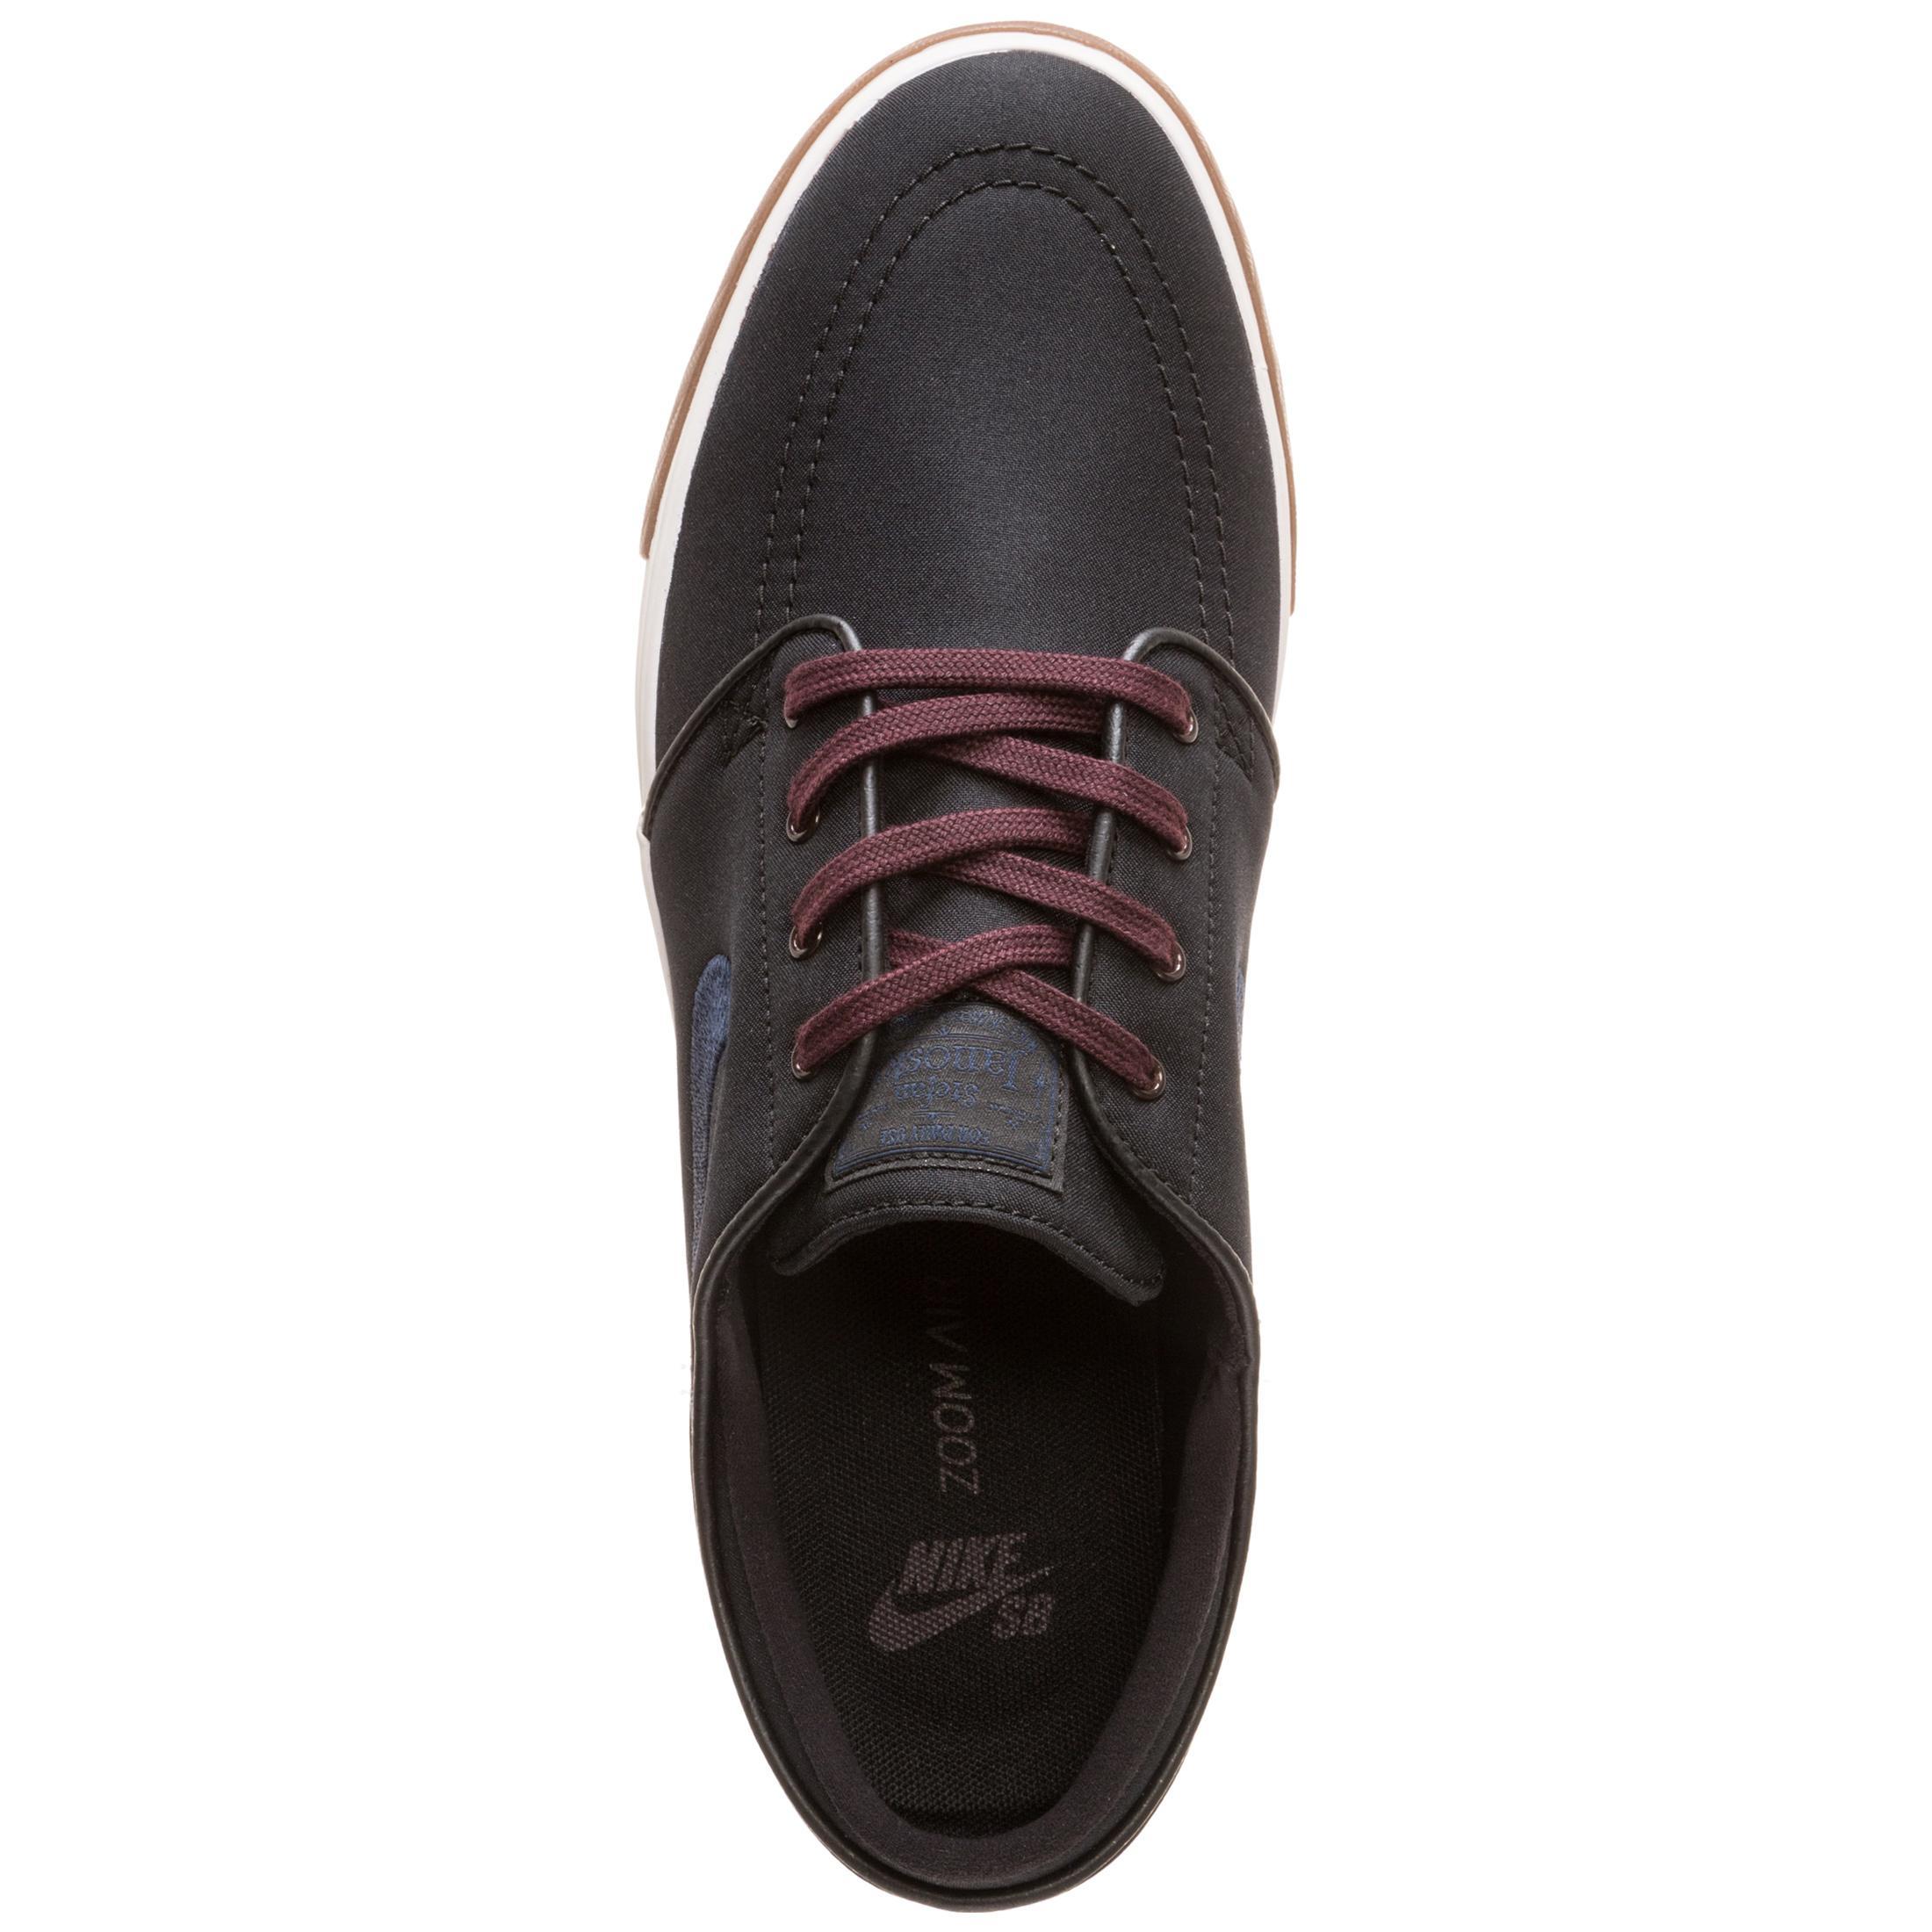 Nike Nike Nike Zoom Stefan Janoski Canvas Sneaker Herren grau / braun im Online Shop von SportScheck kaufen Gute Qualität beliebte Schuhe e0e677